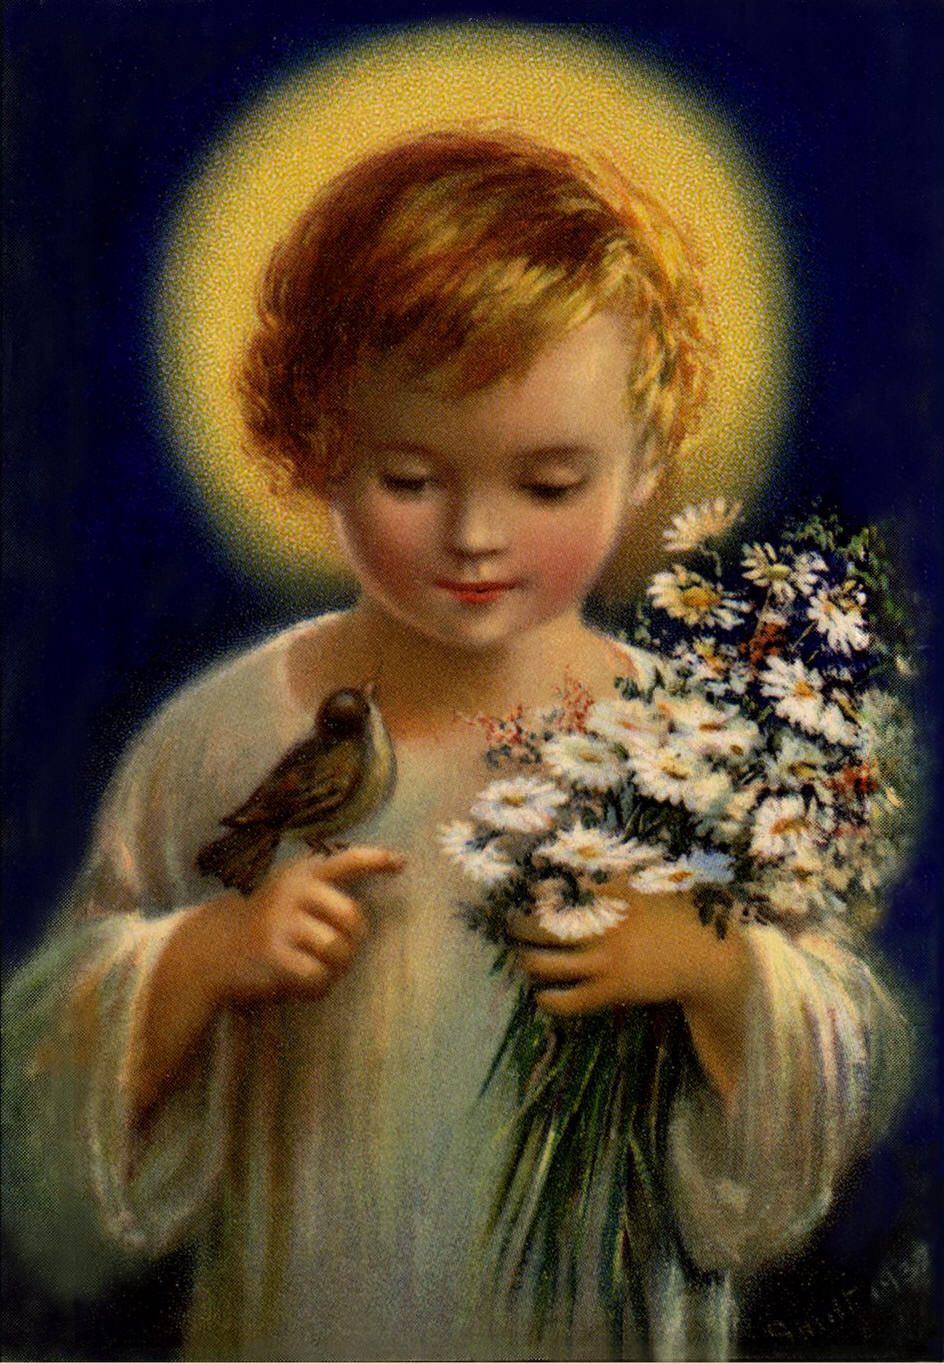 baby jesus u003c3 i wonder what christmas was like each year as jesus